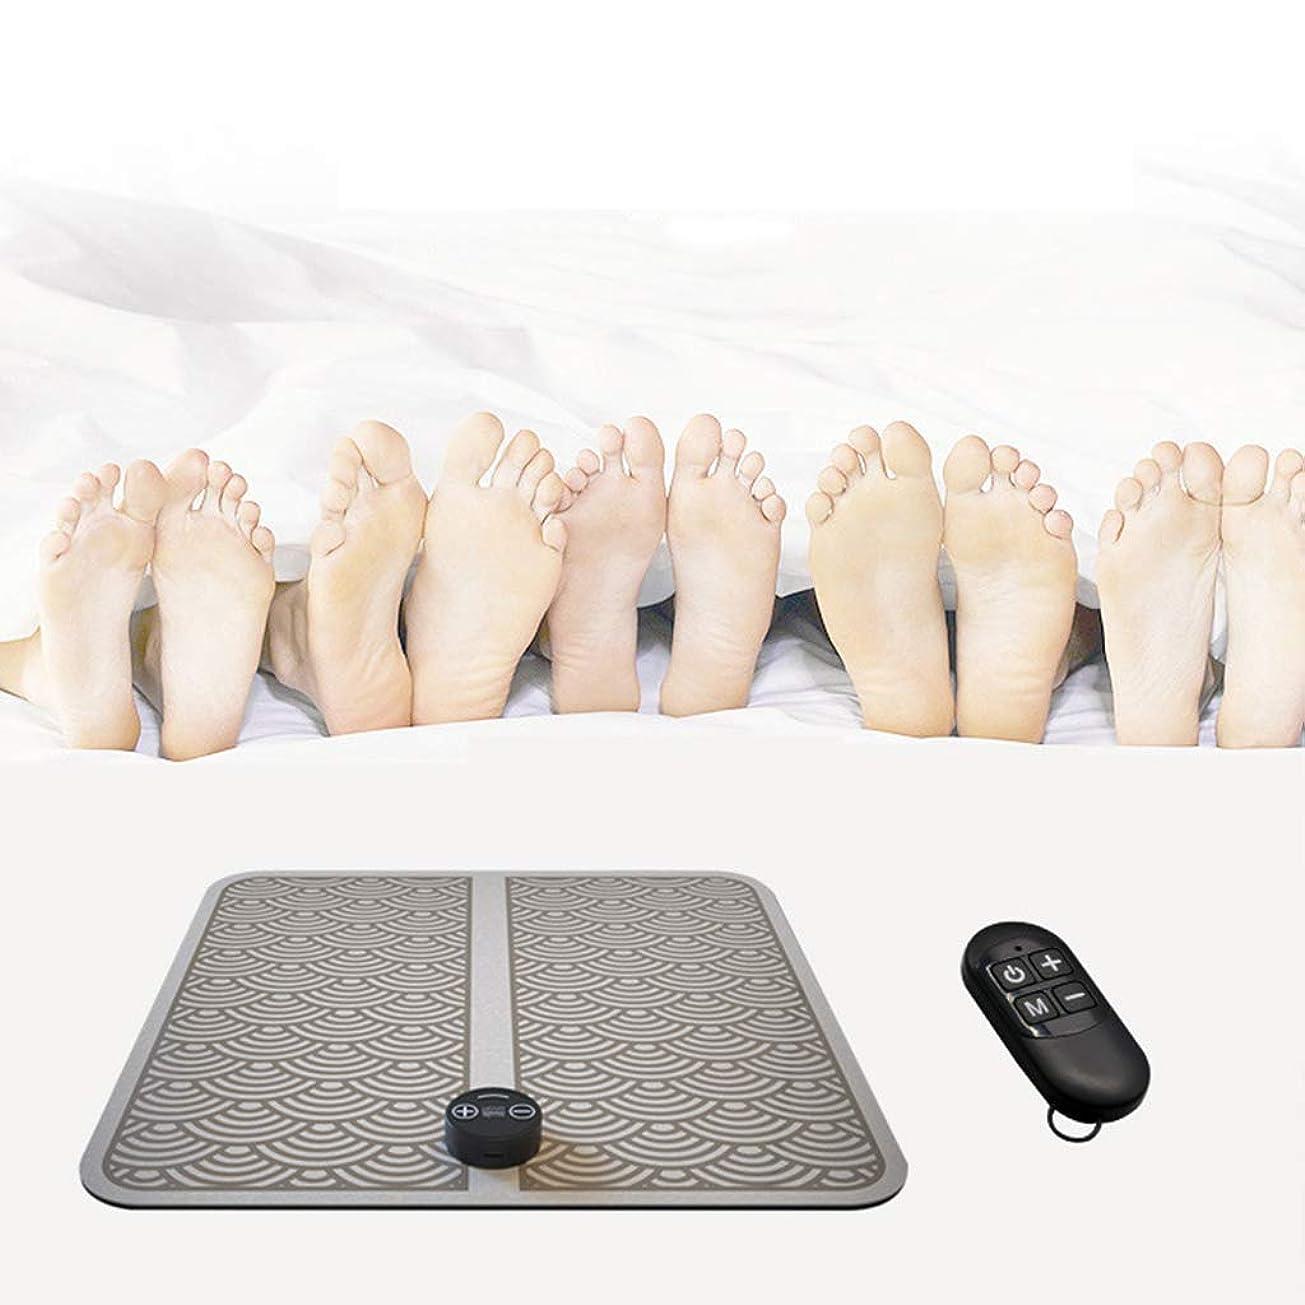 マットレス適度にステップ指圧マッサージ機、EMS理学療法マッサージ電気USB充電振動足ペディキュアマシン